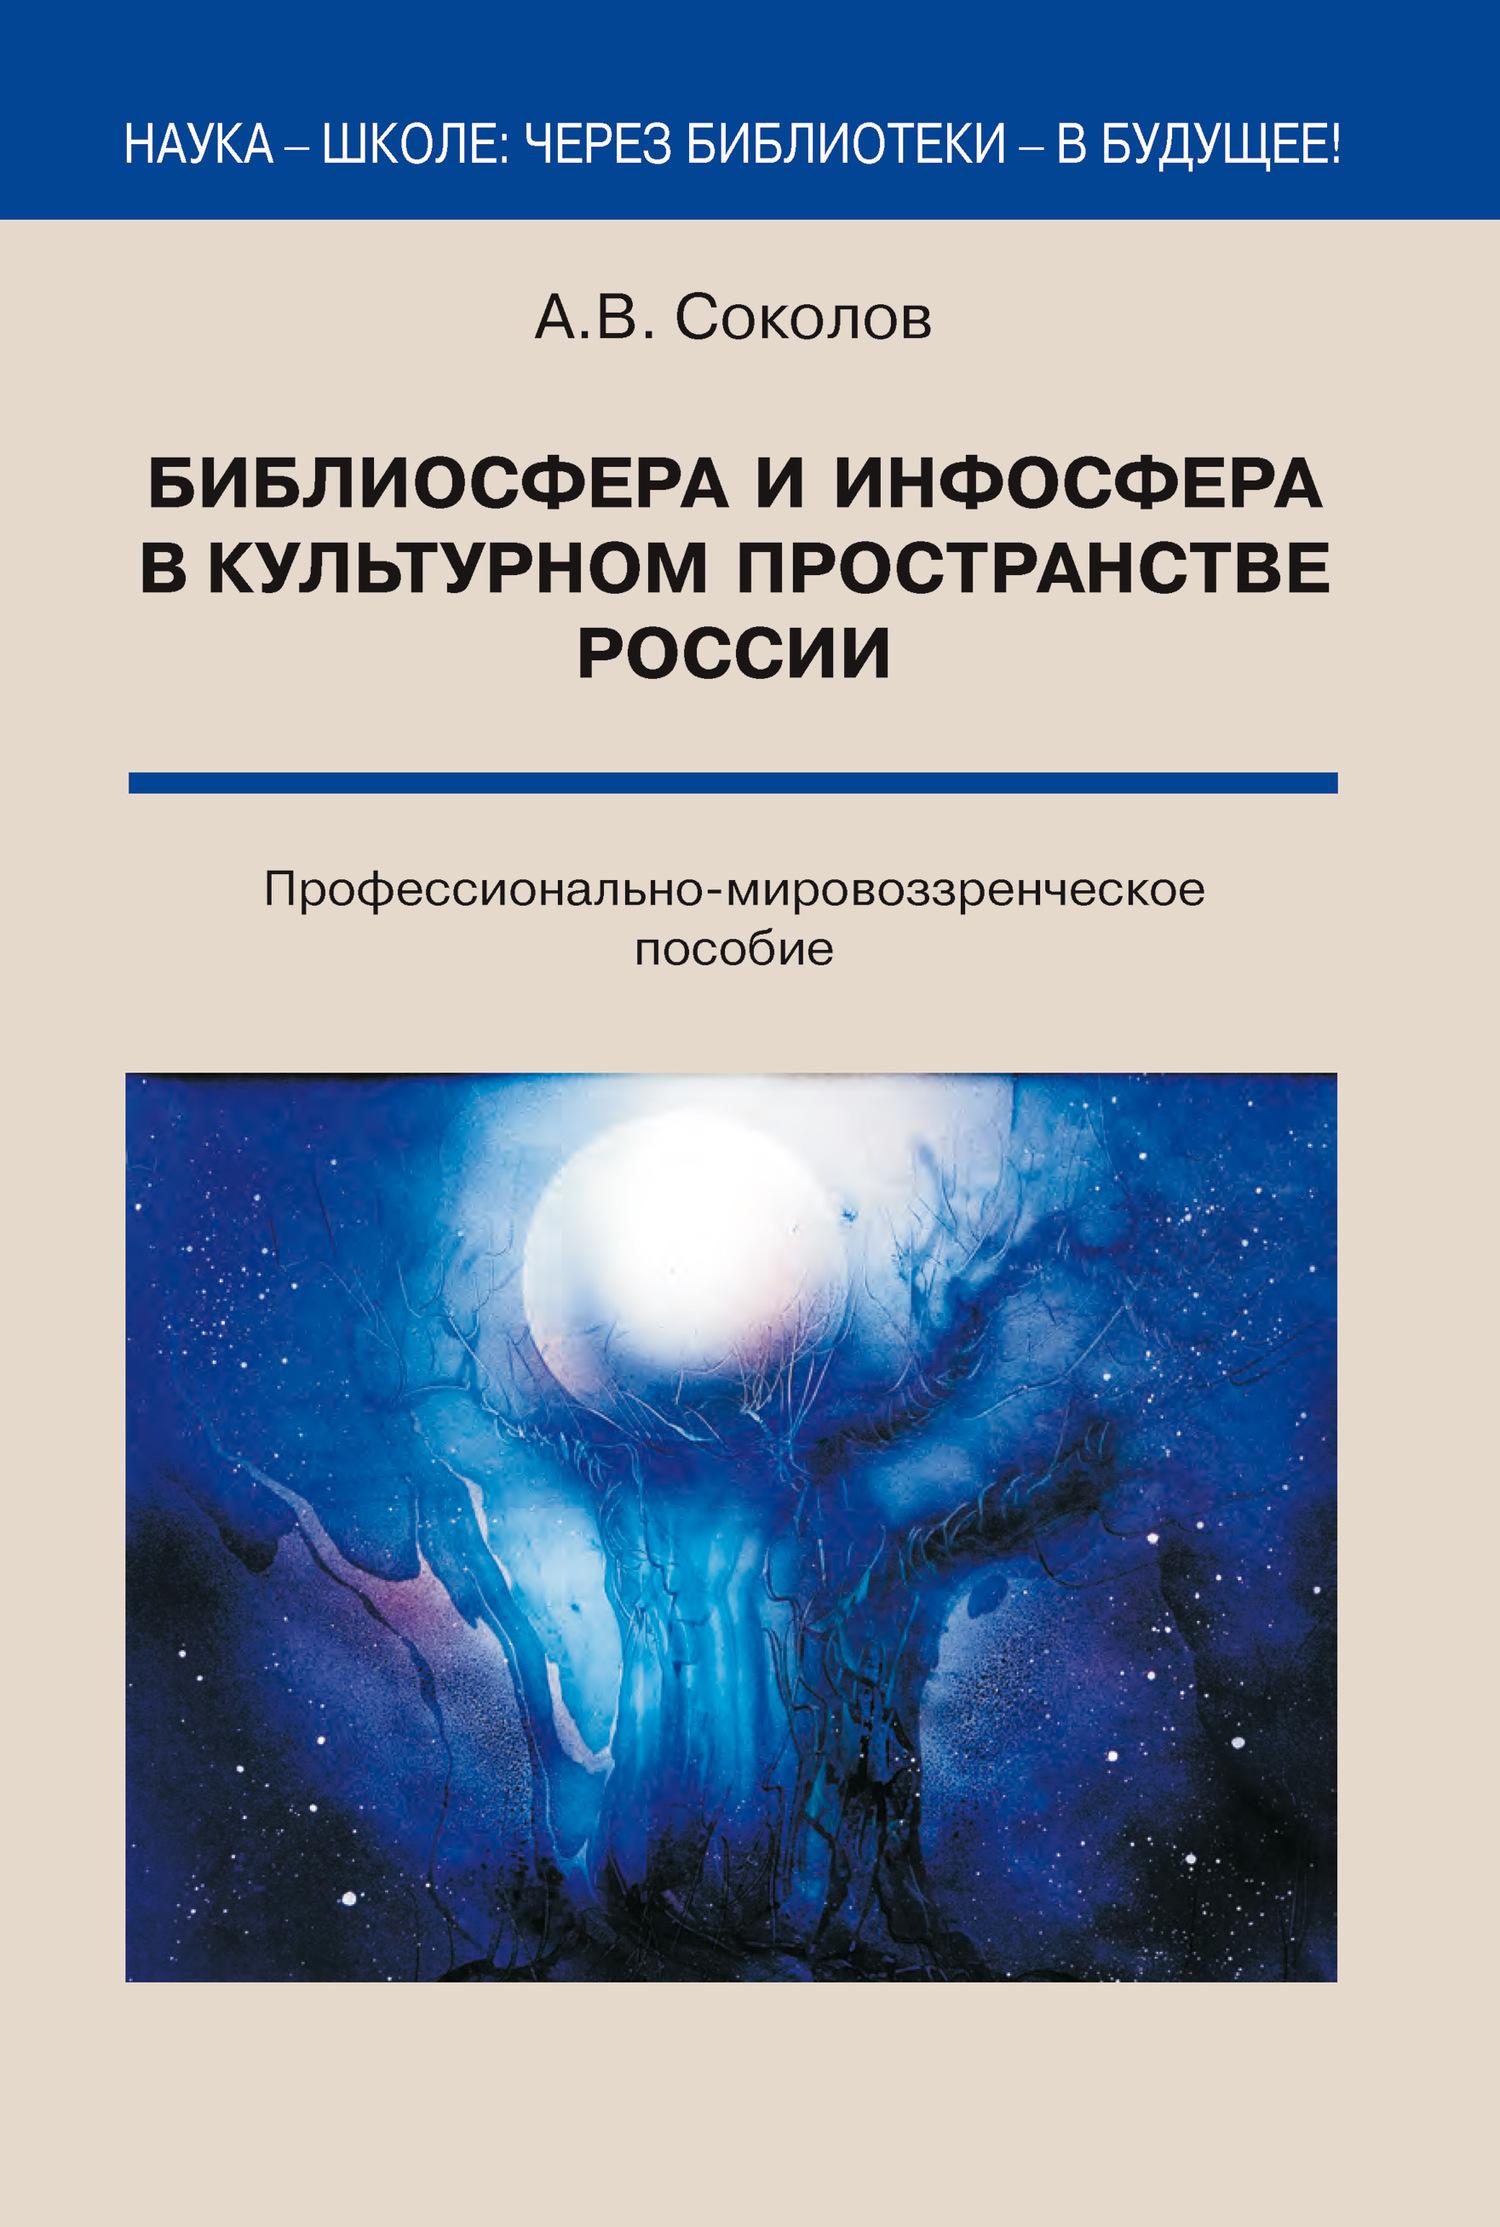 А.В. Соколов бесплатно